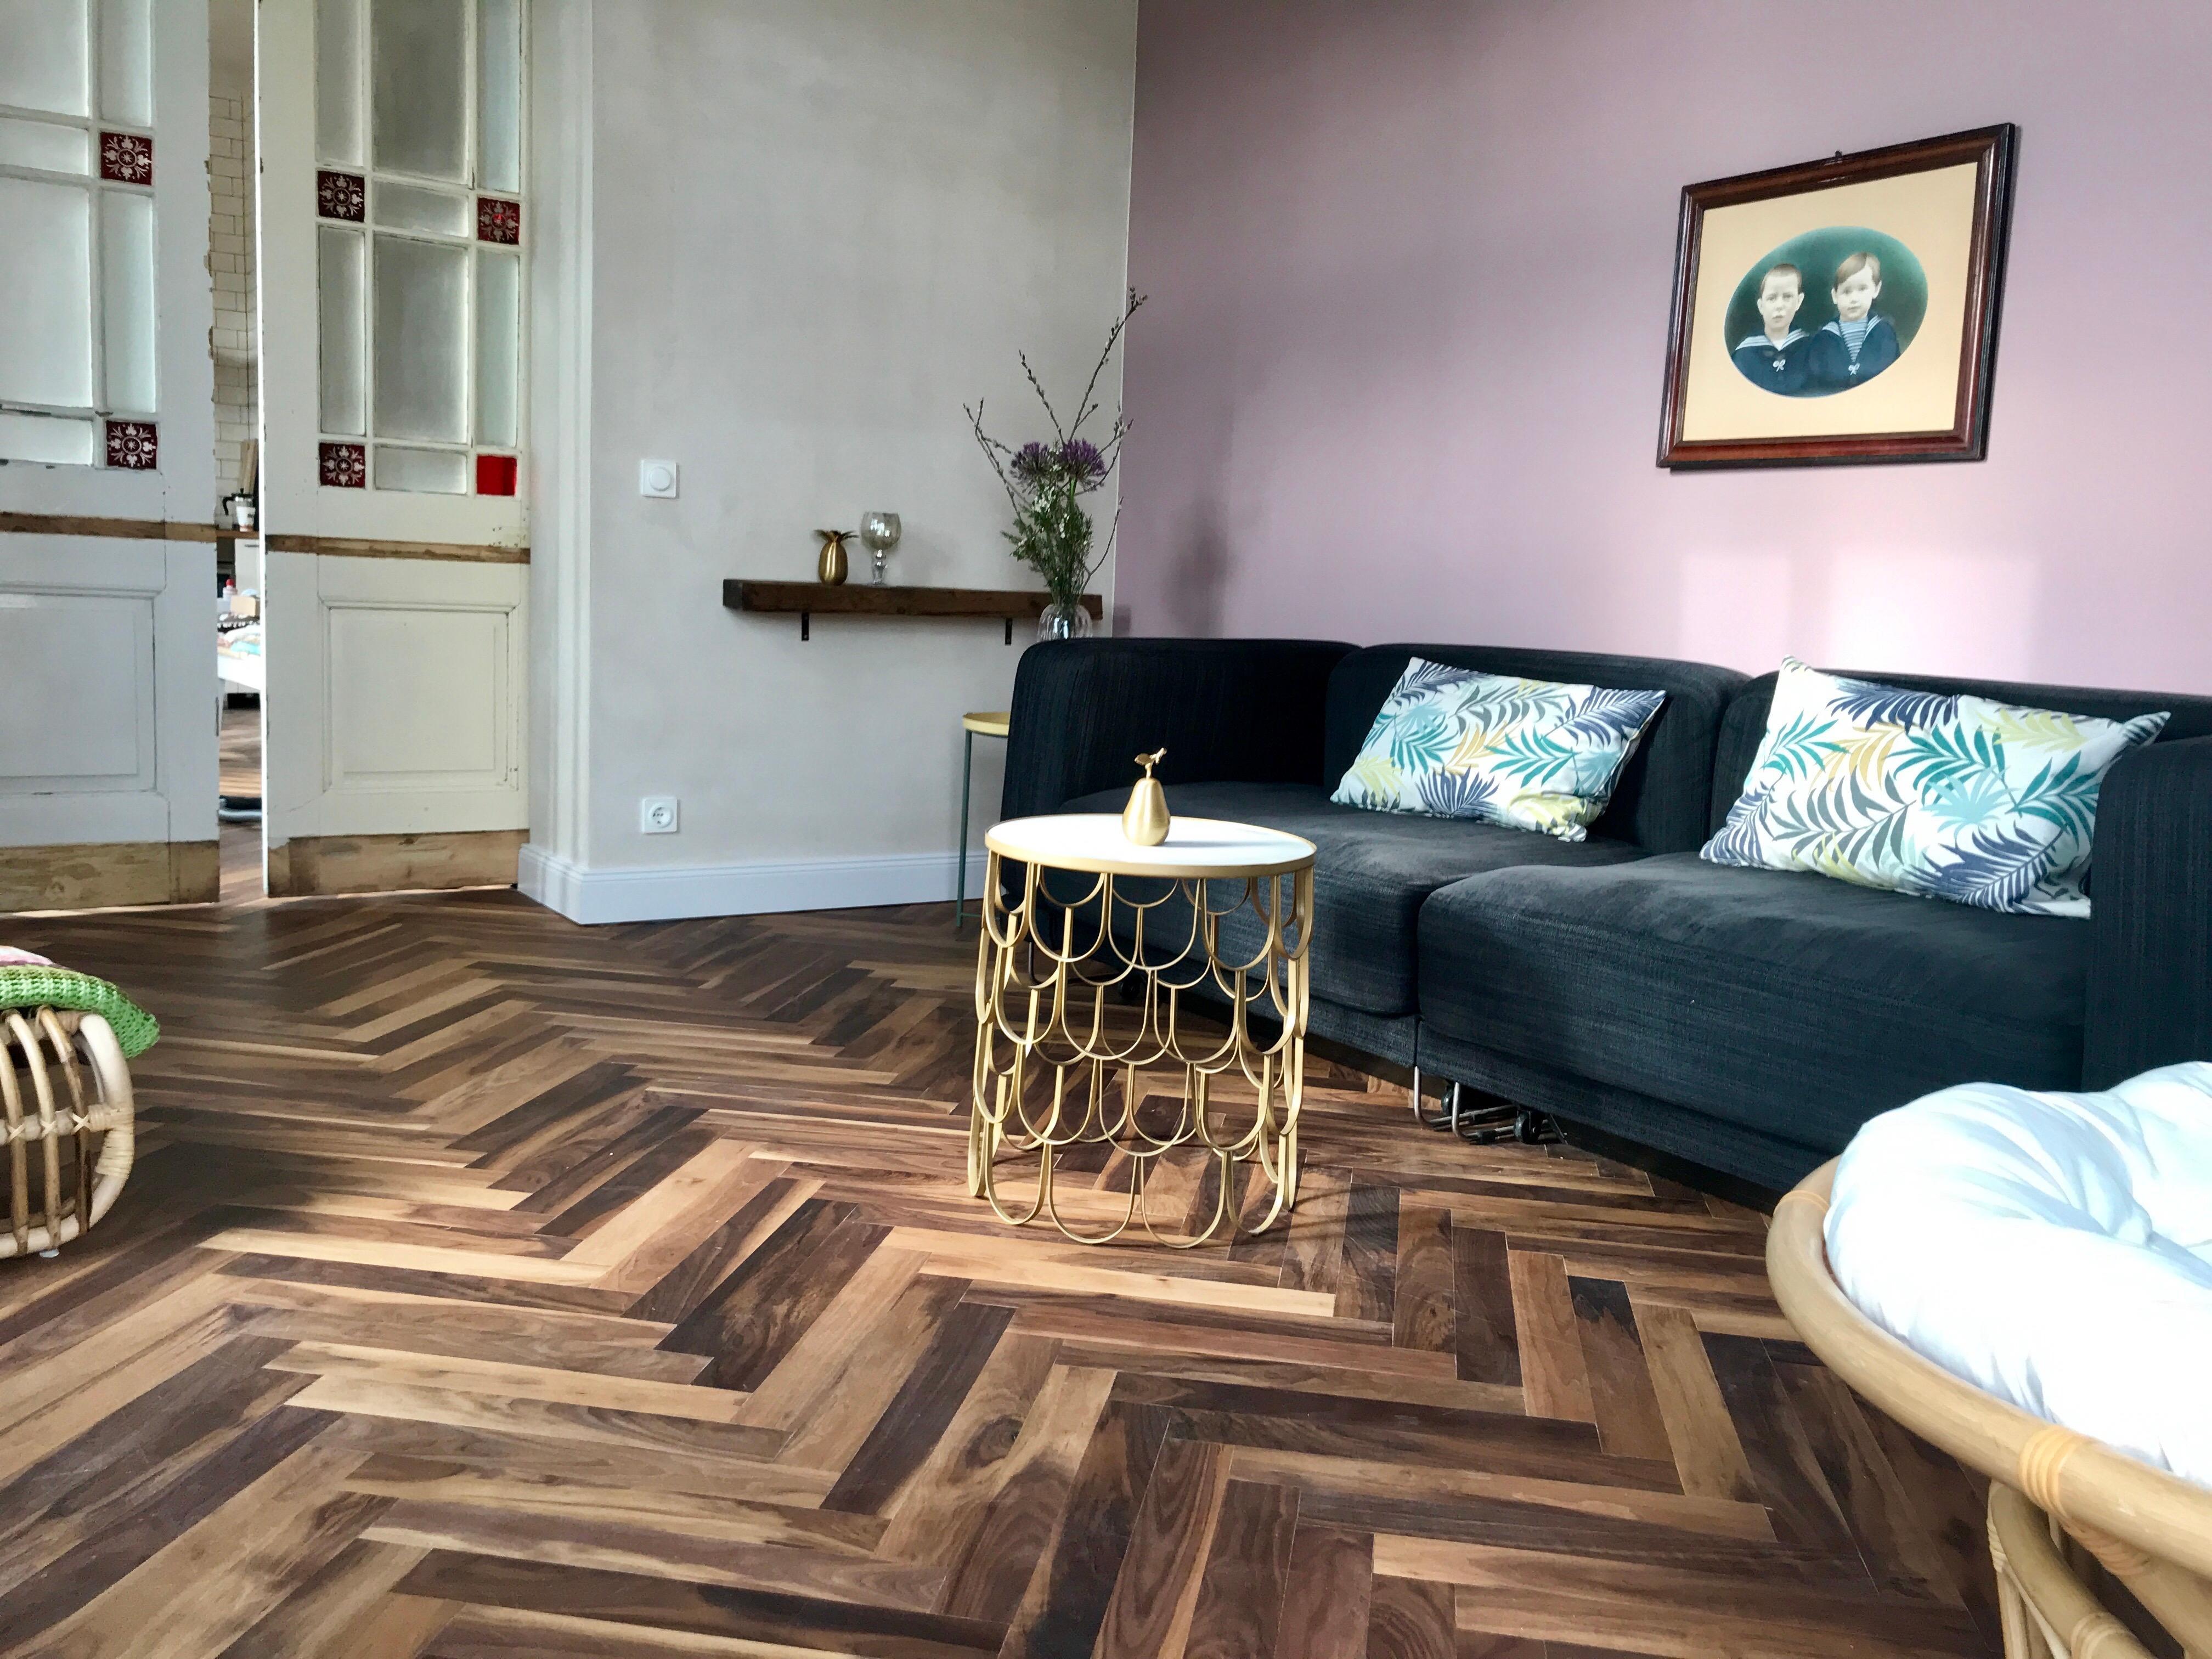 Einrichtungsideen Wohnzimmer L Form - Caseconrad.com